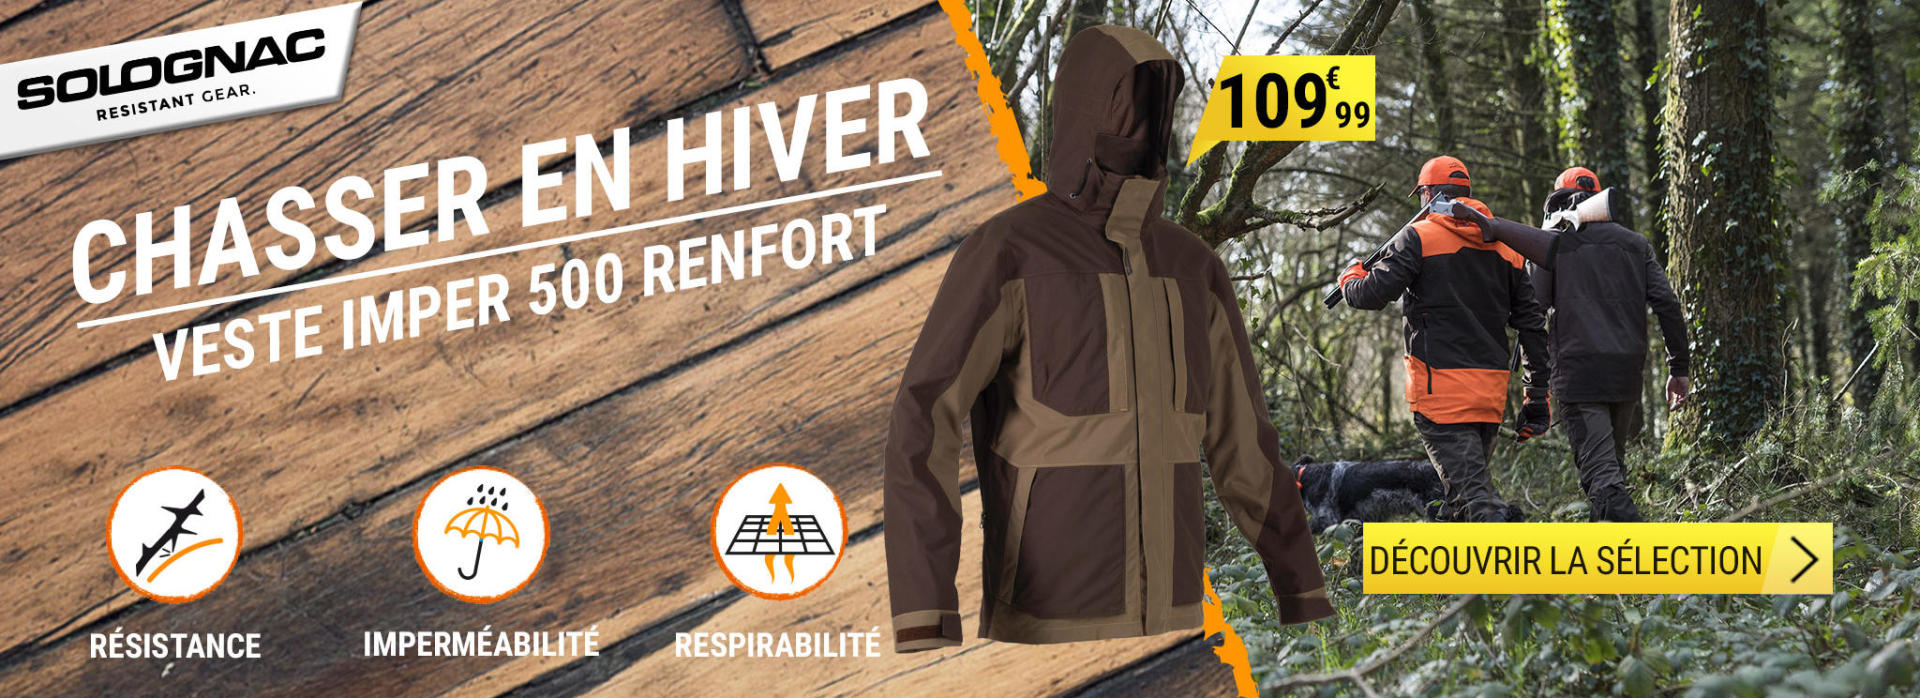 Découvrez notre sélection de produits pour chasser confortablement tout l'hiver durant.